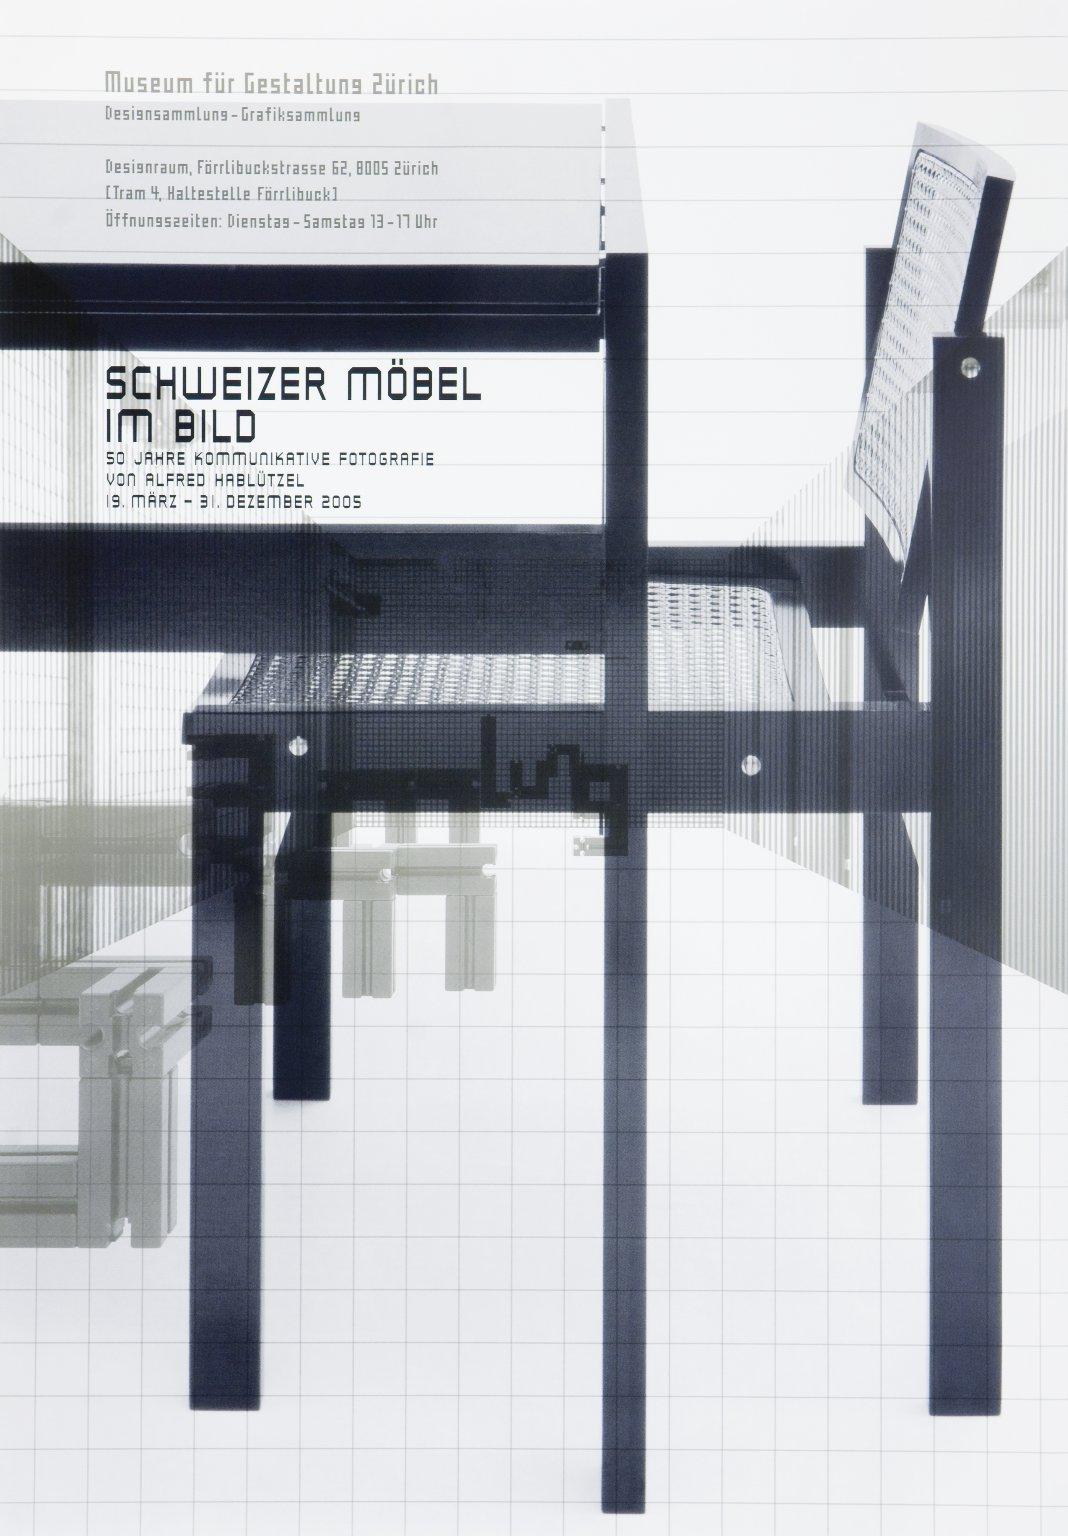 Schweizer Möbel im Bild